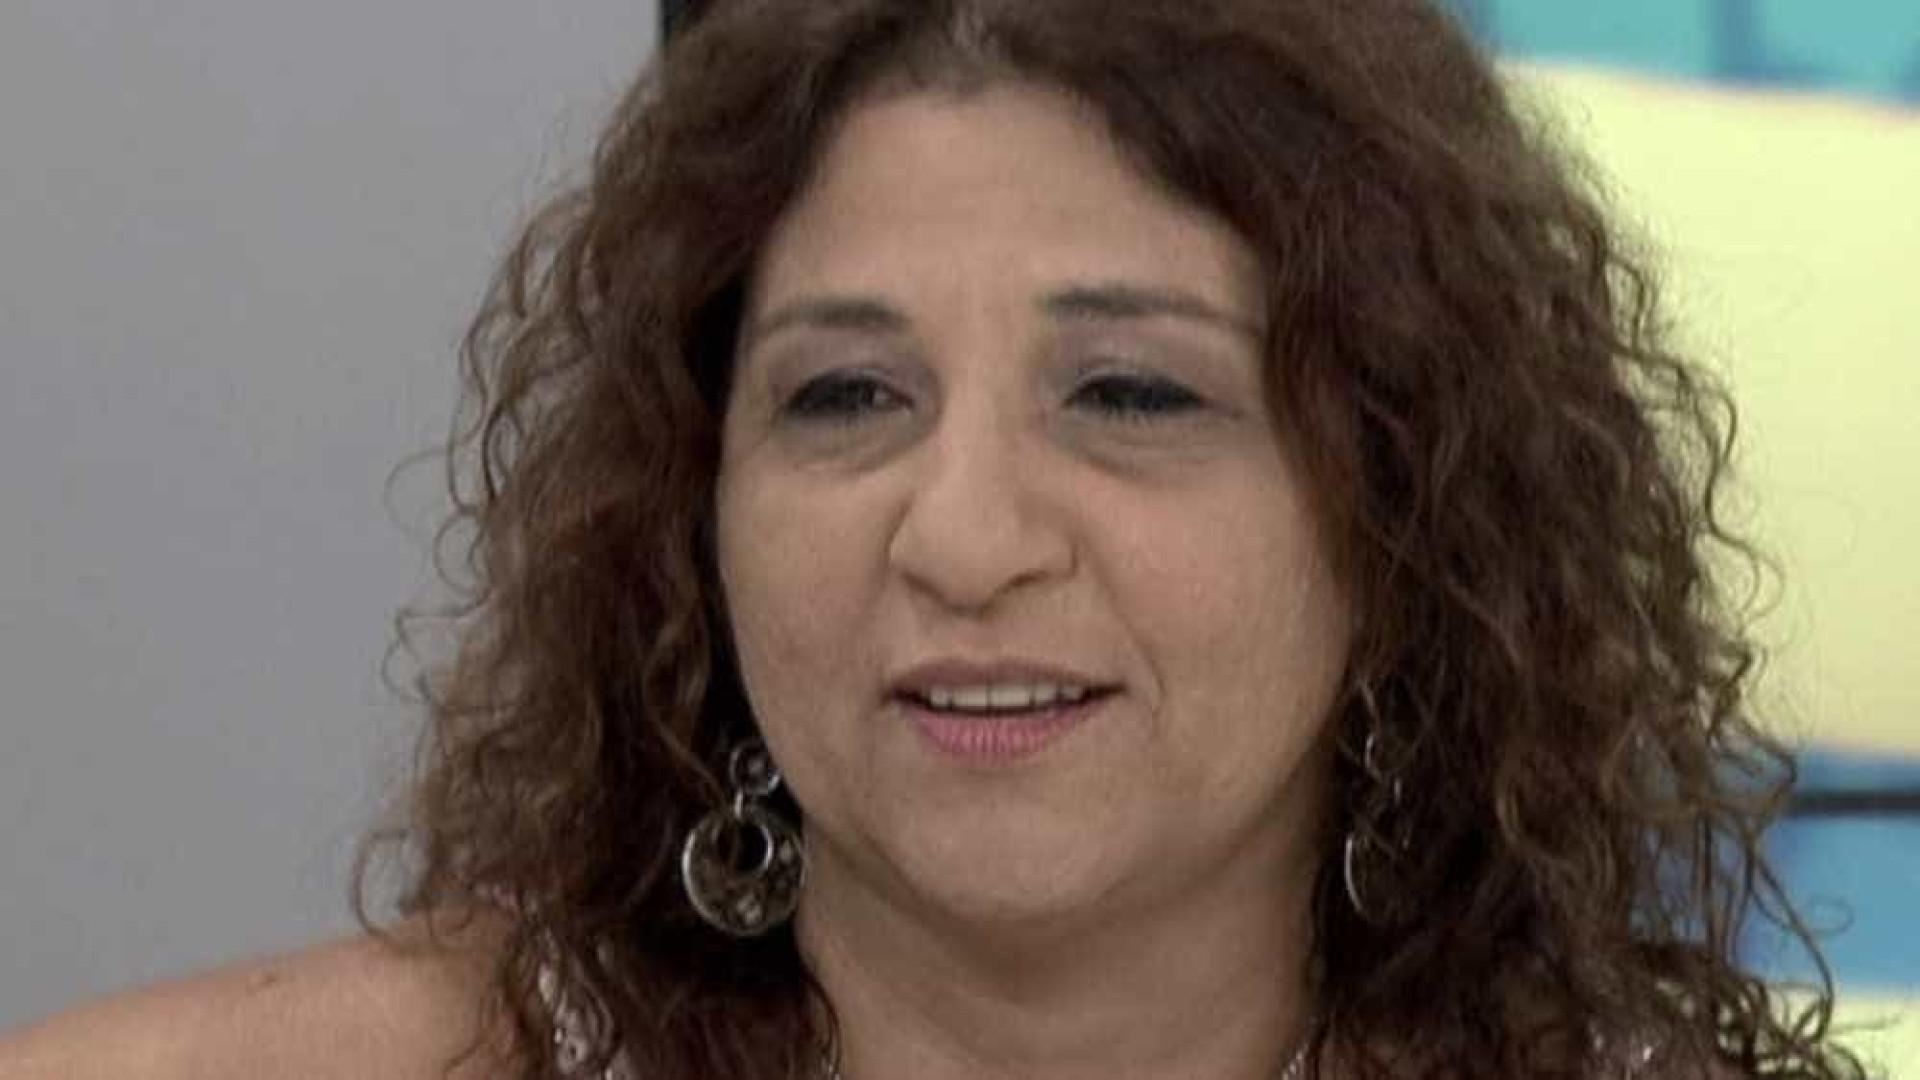 Morre cantora pernambucana Maria da Paz aos 59 anos